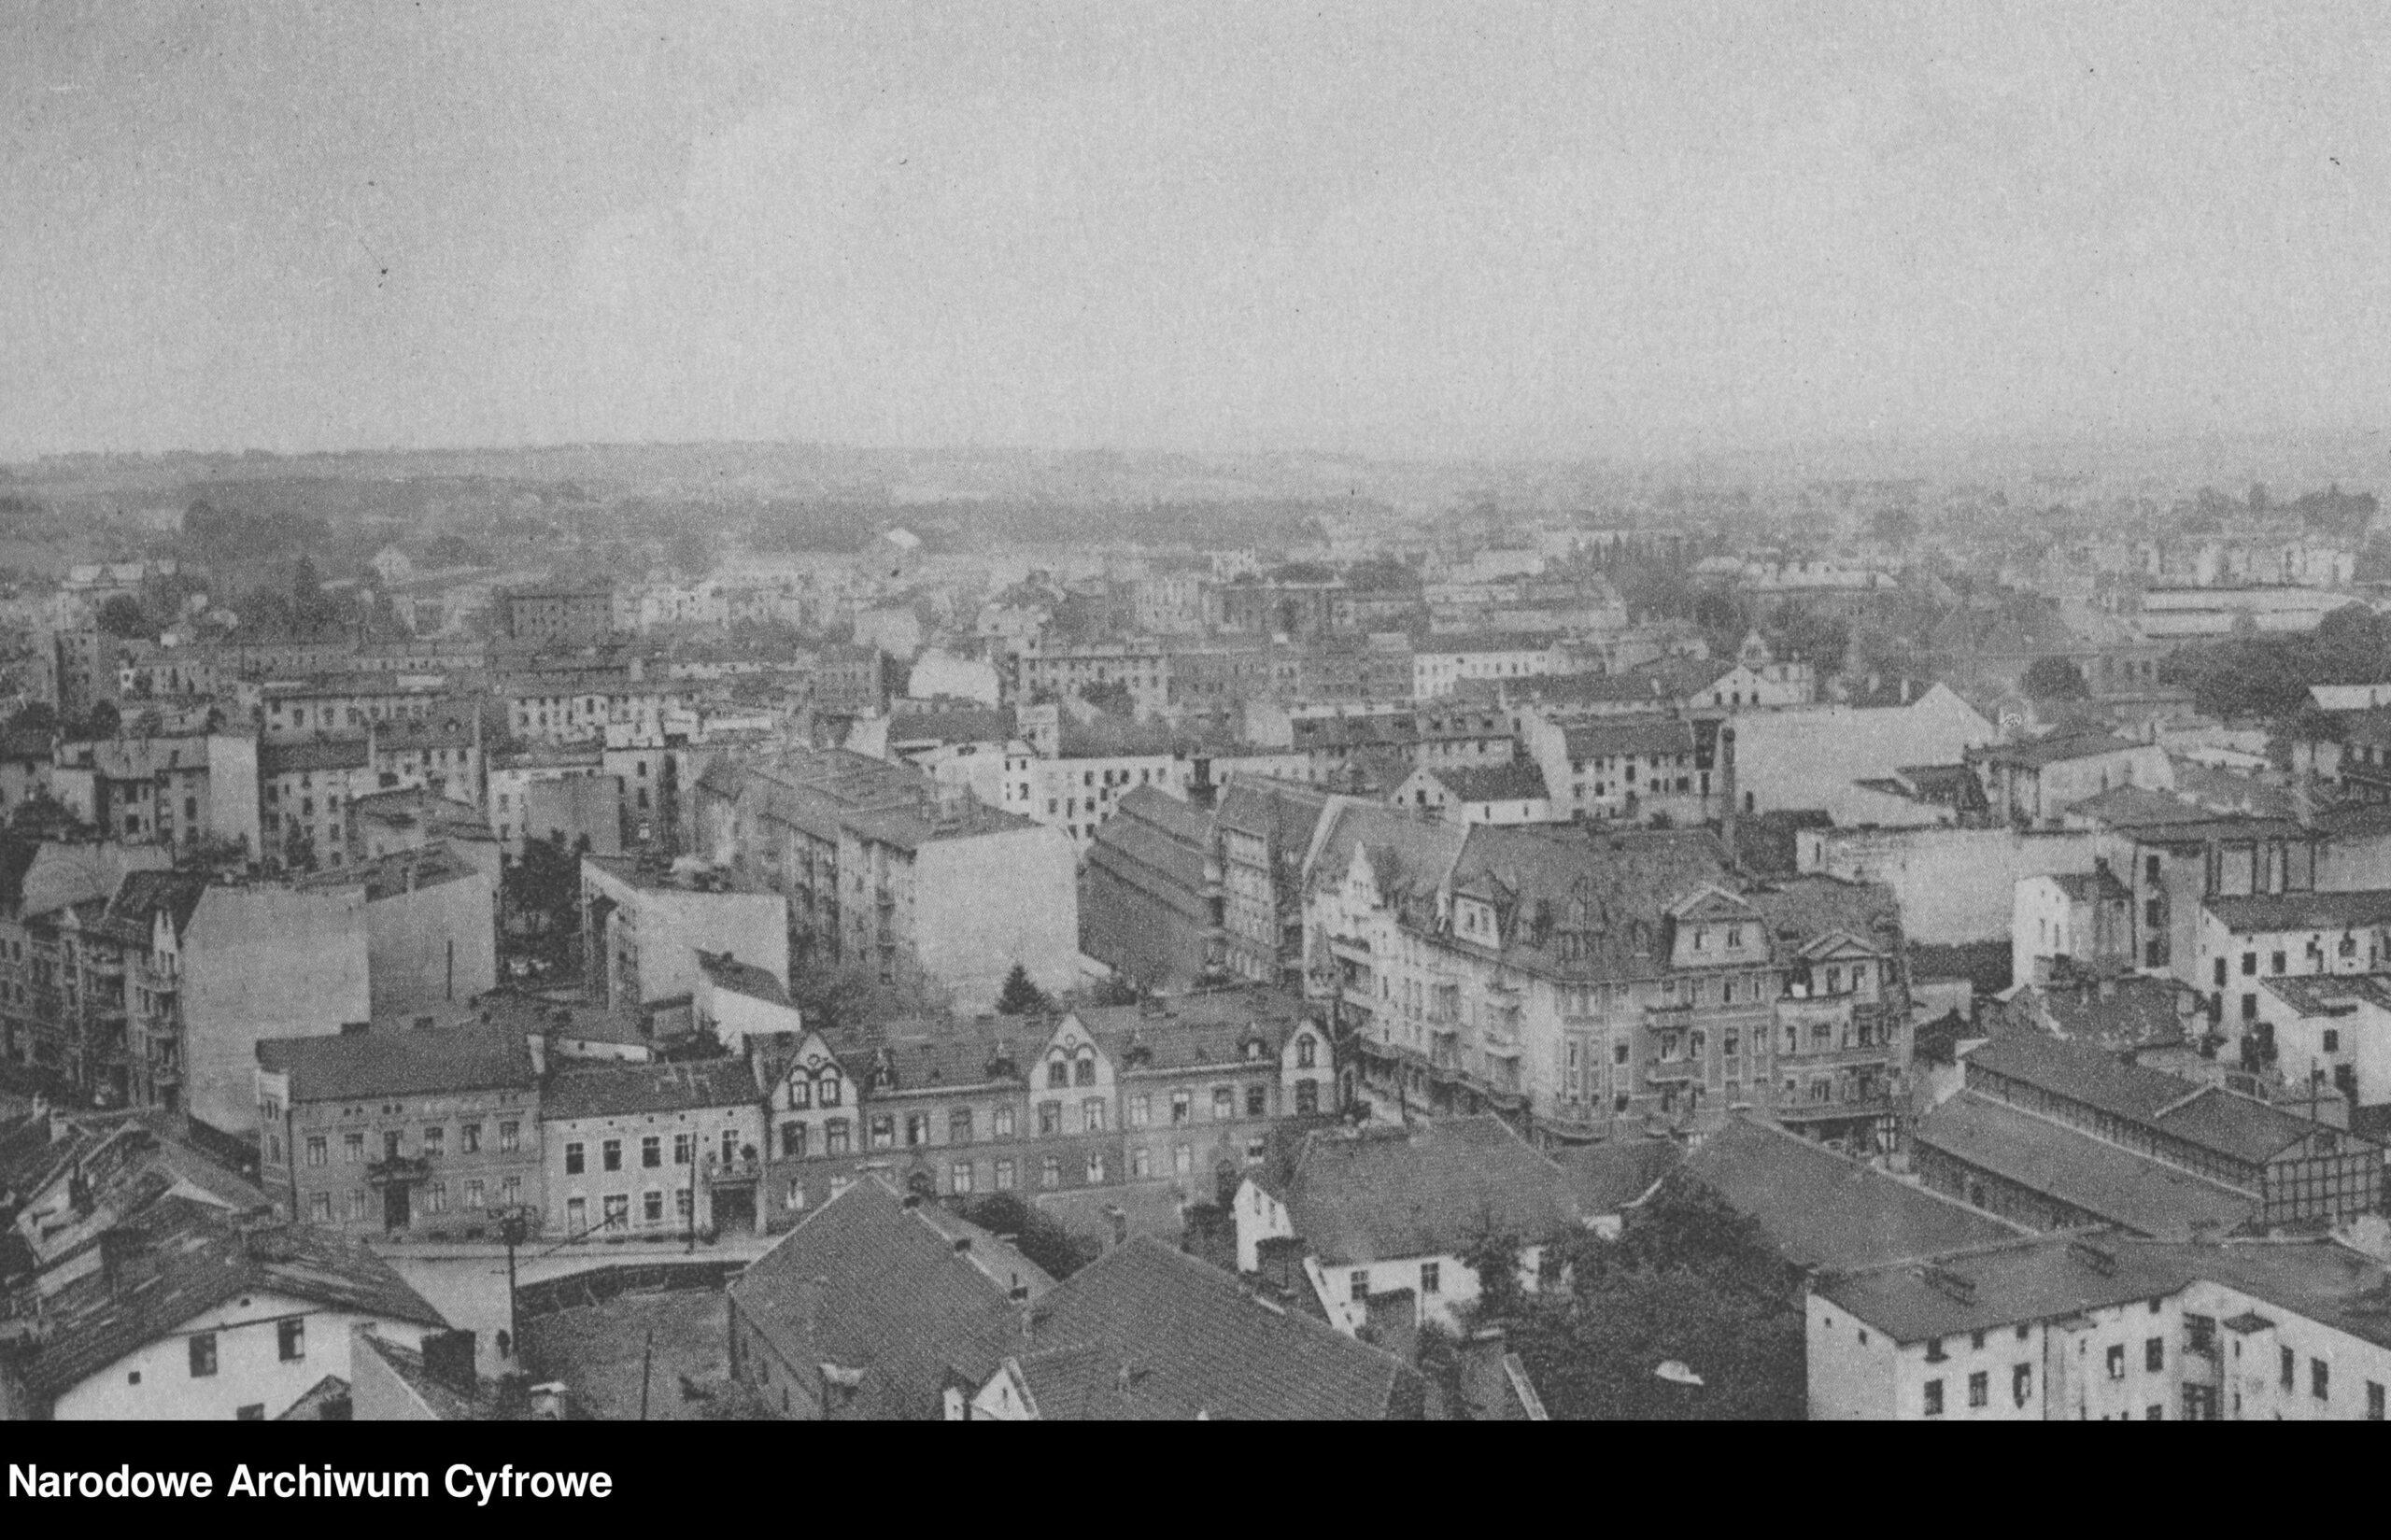 Panorama Grudziądza. Widok z wieży Klimek. lata 1918-1939. Narodowe Archiwum Cyfrowe (domena publiczna)